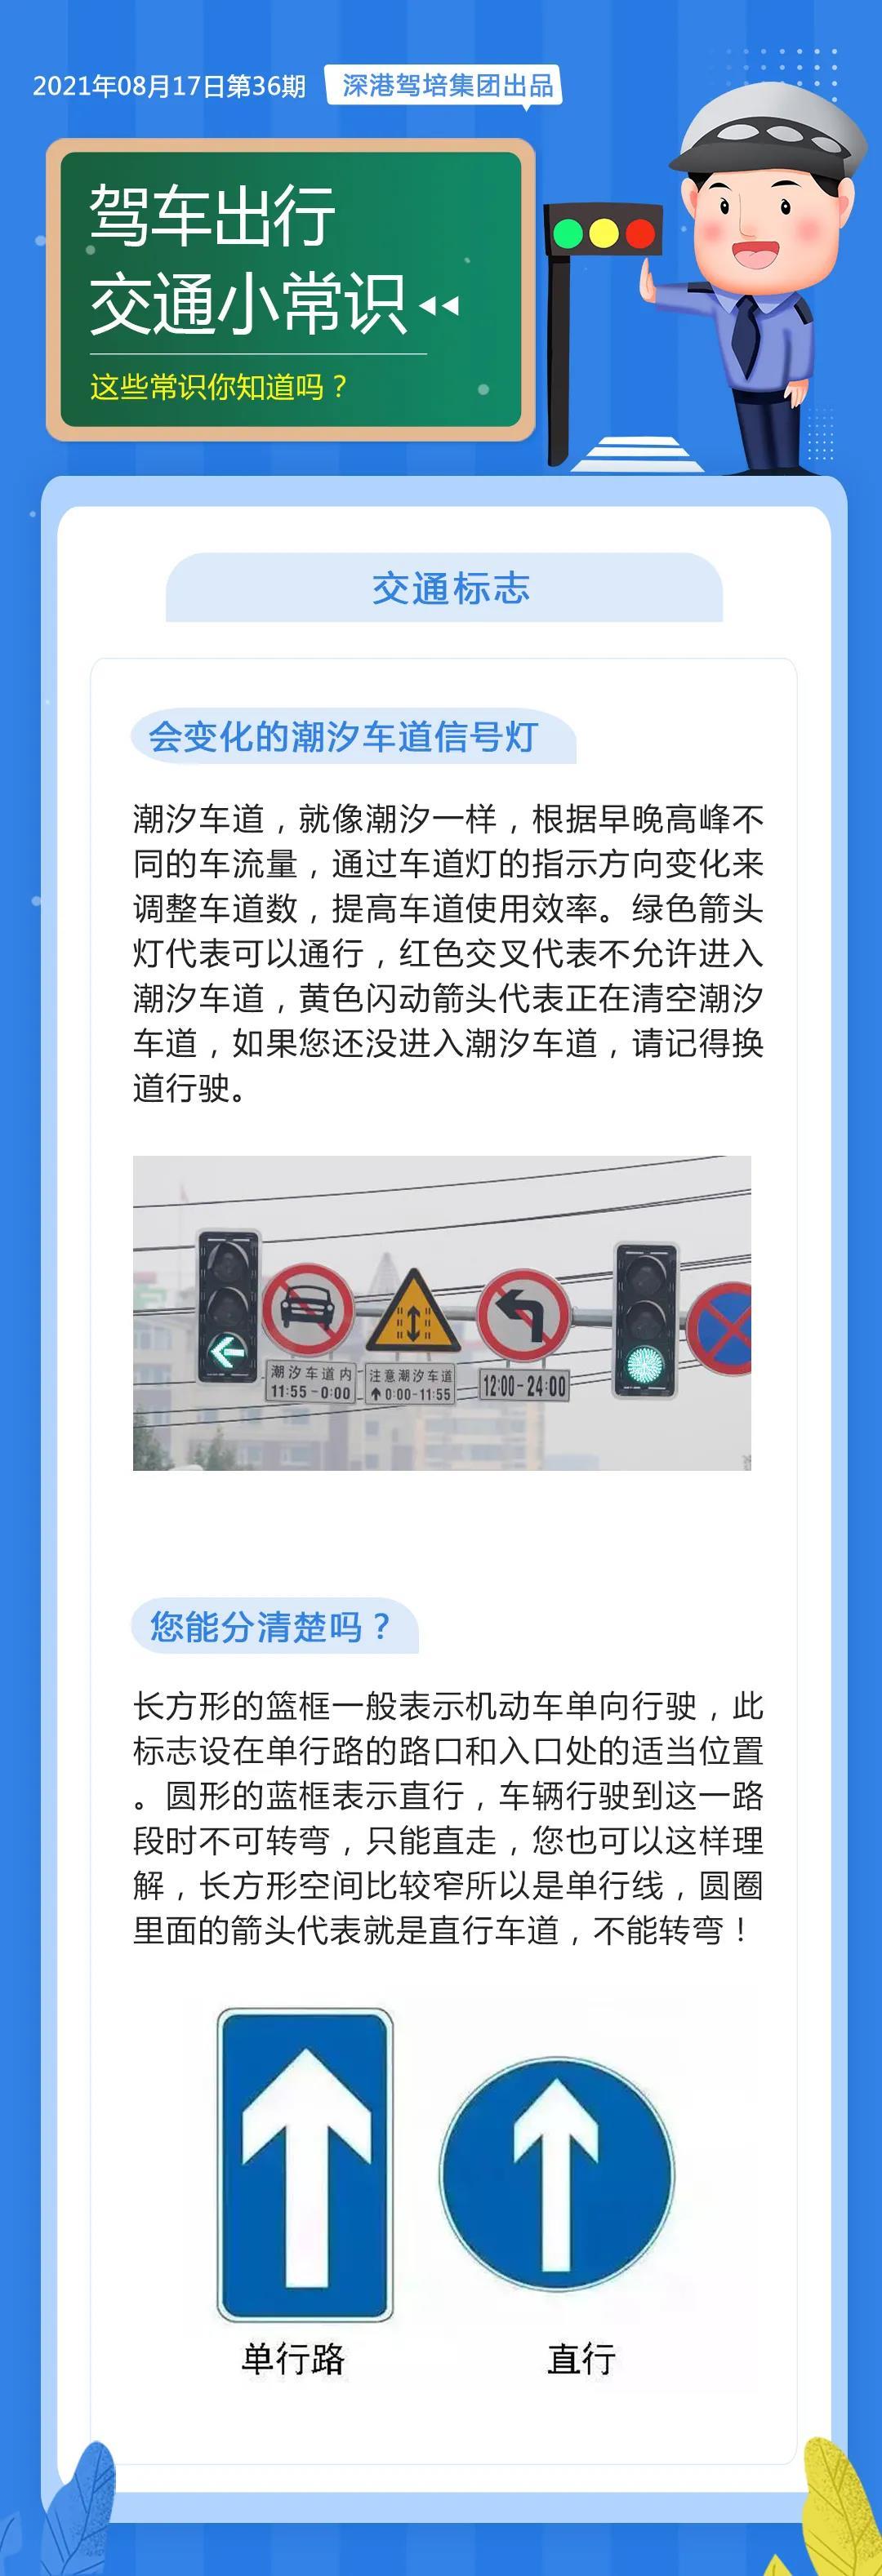 微信图片_20210817172159.jpg